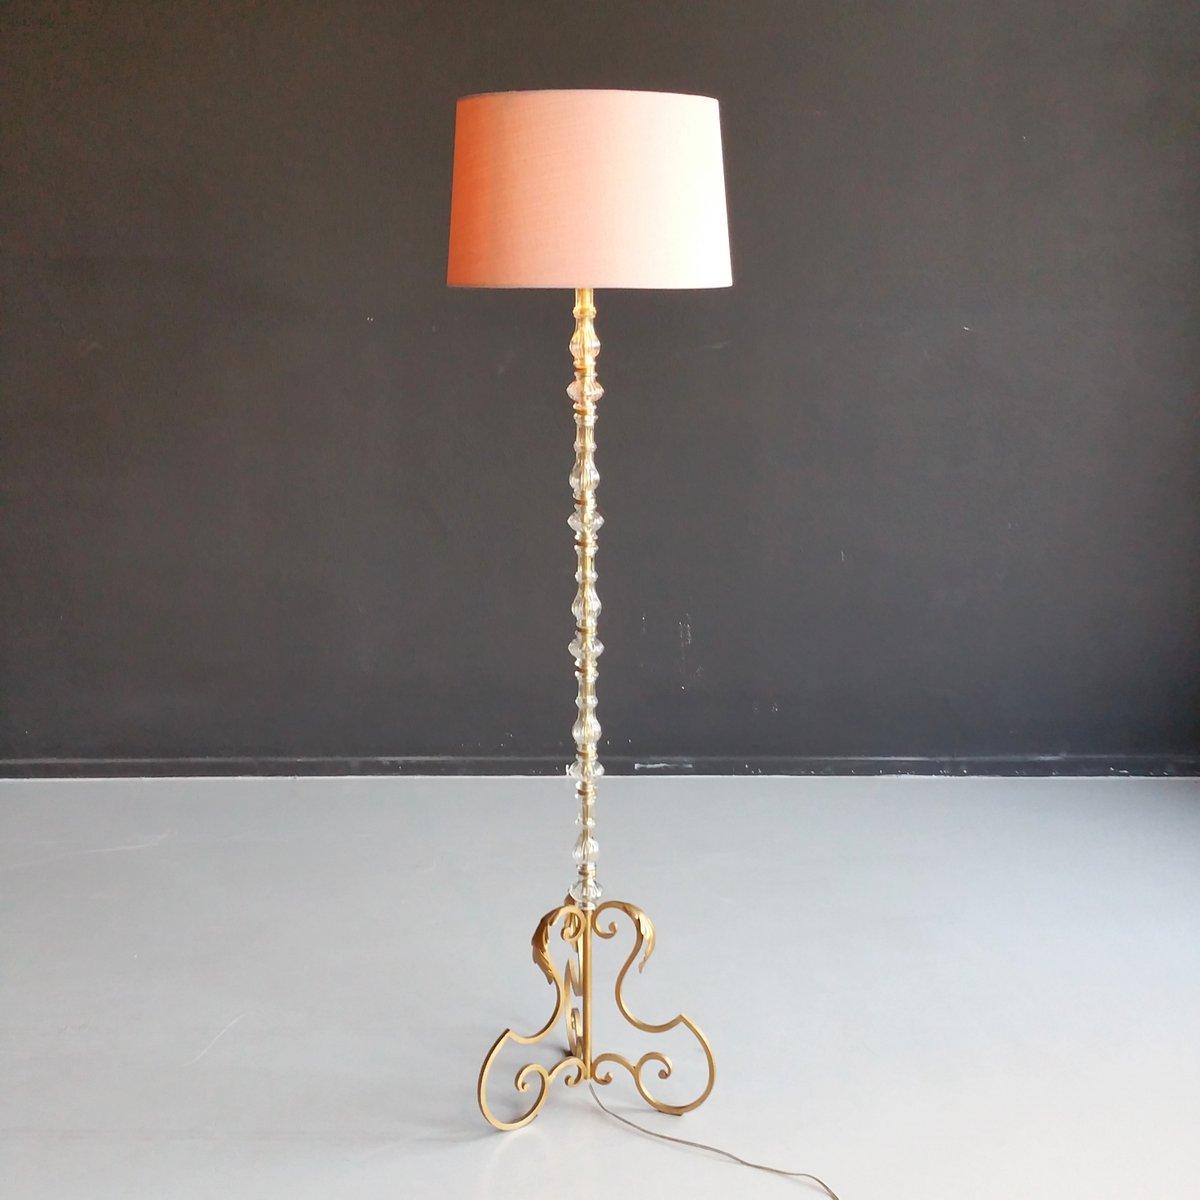 Stehlampe mit Vergoldetem Metall und Murano Glas, 1960er